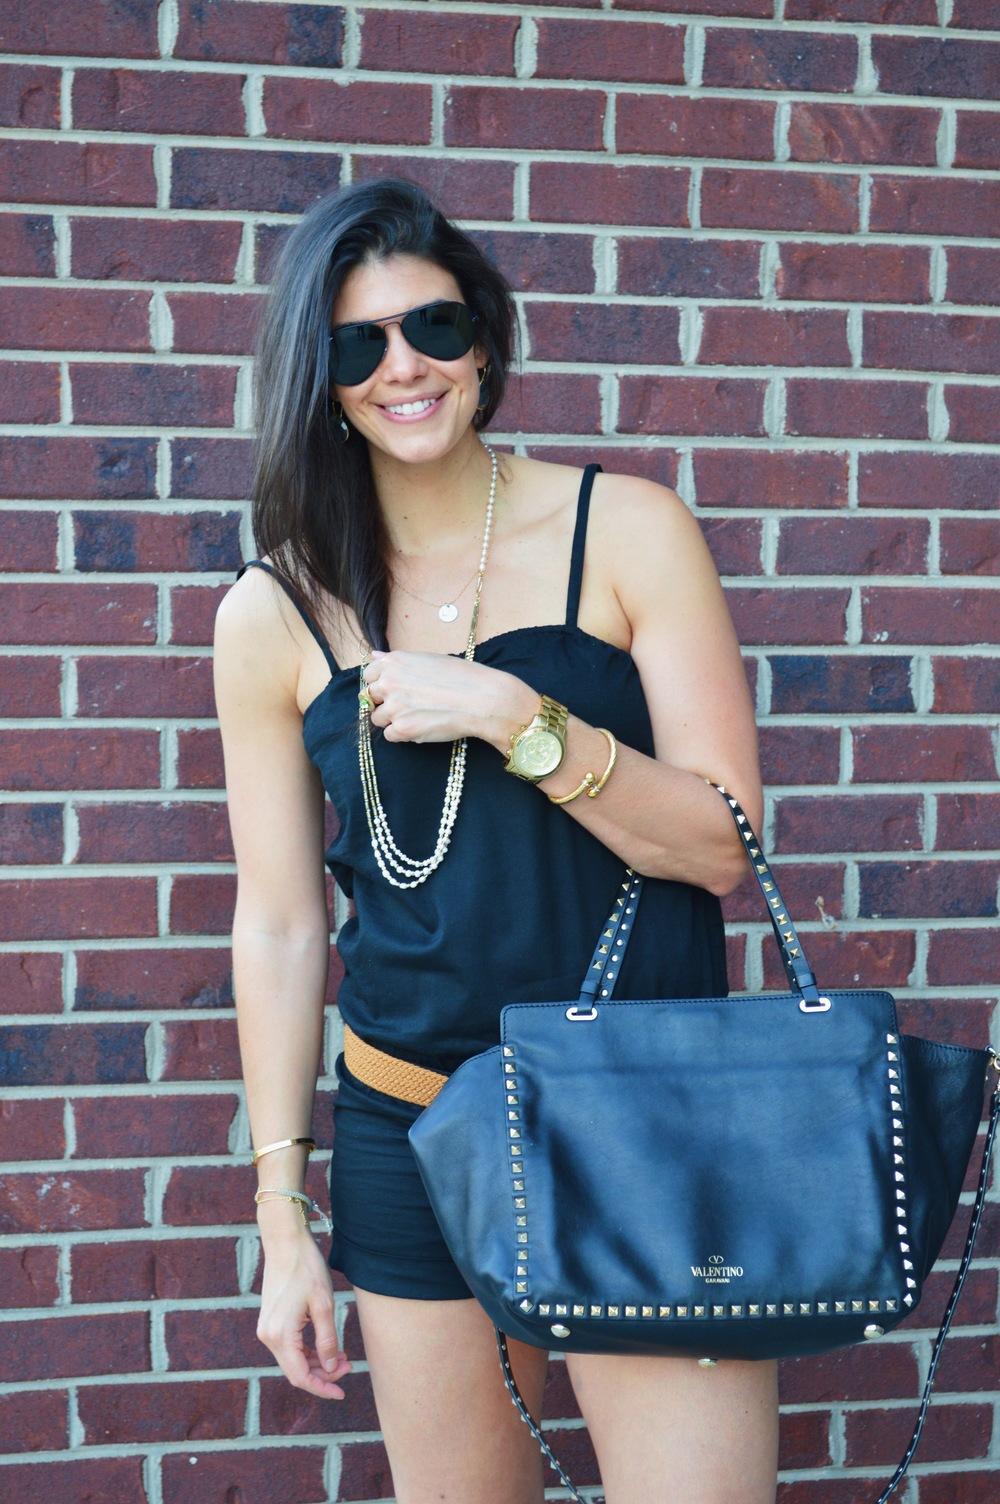 LaurenSchwaiger-Blog-Style-S/S-Romper.jpg